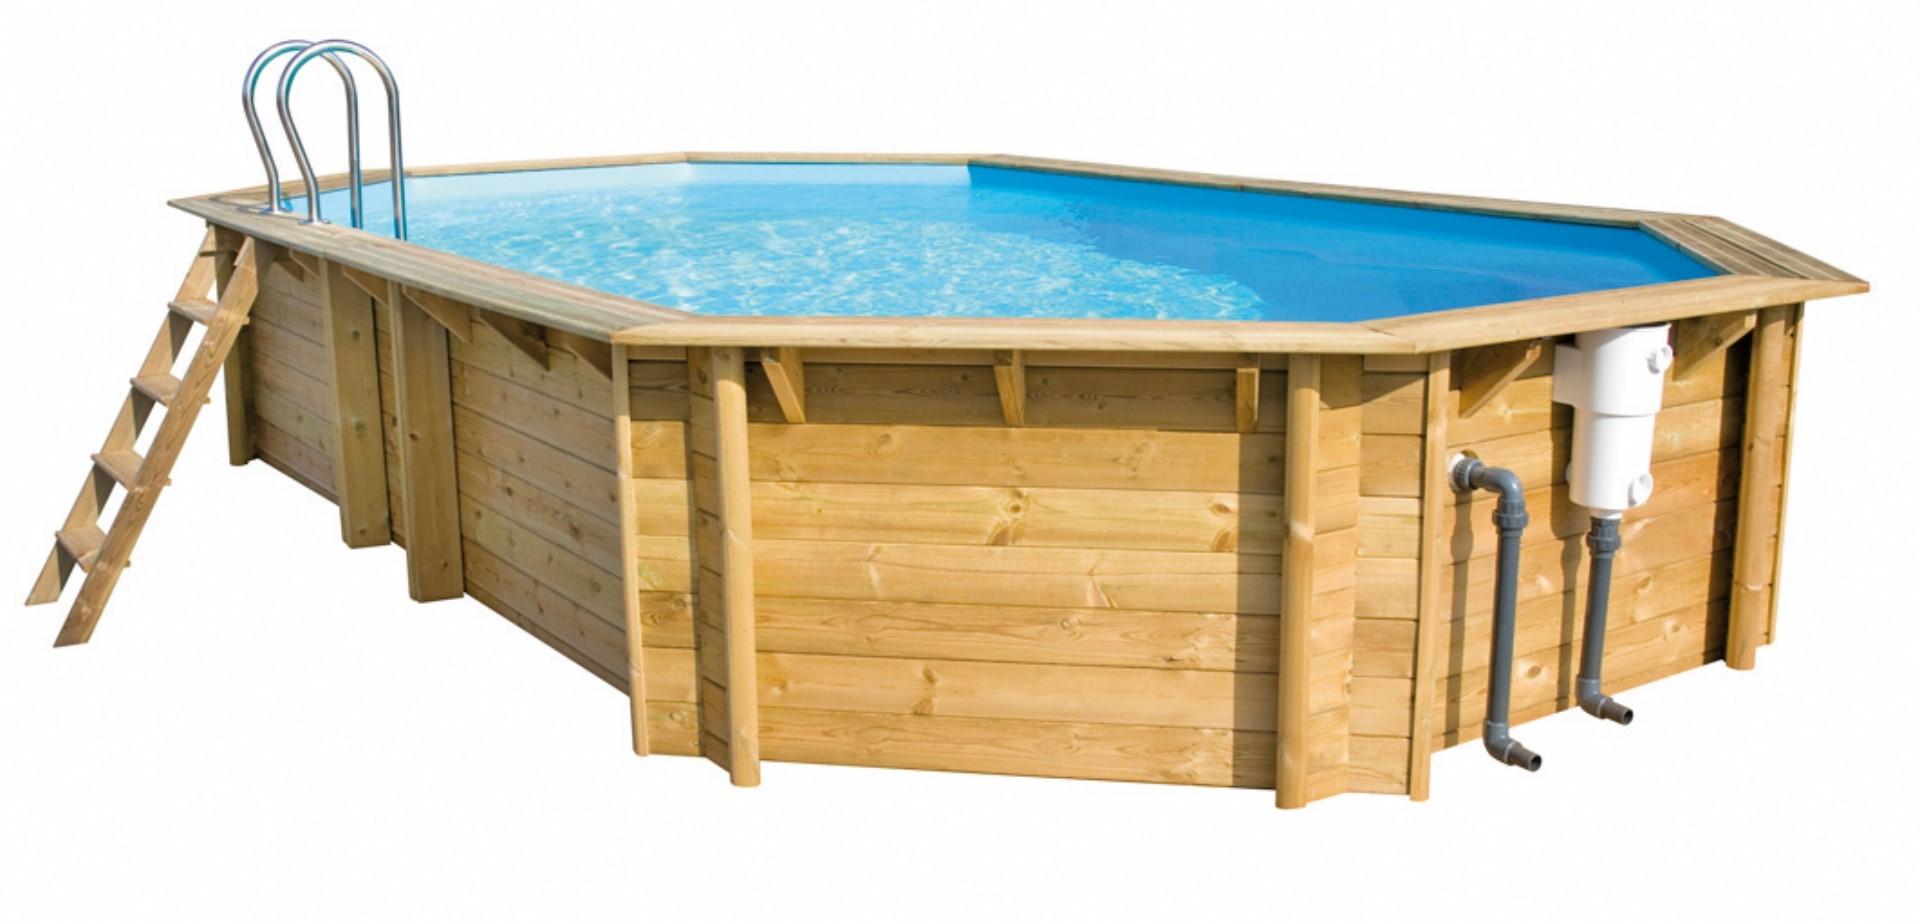 Piscine bois octogonale 3m for Prix liner piscine bois octogonale